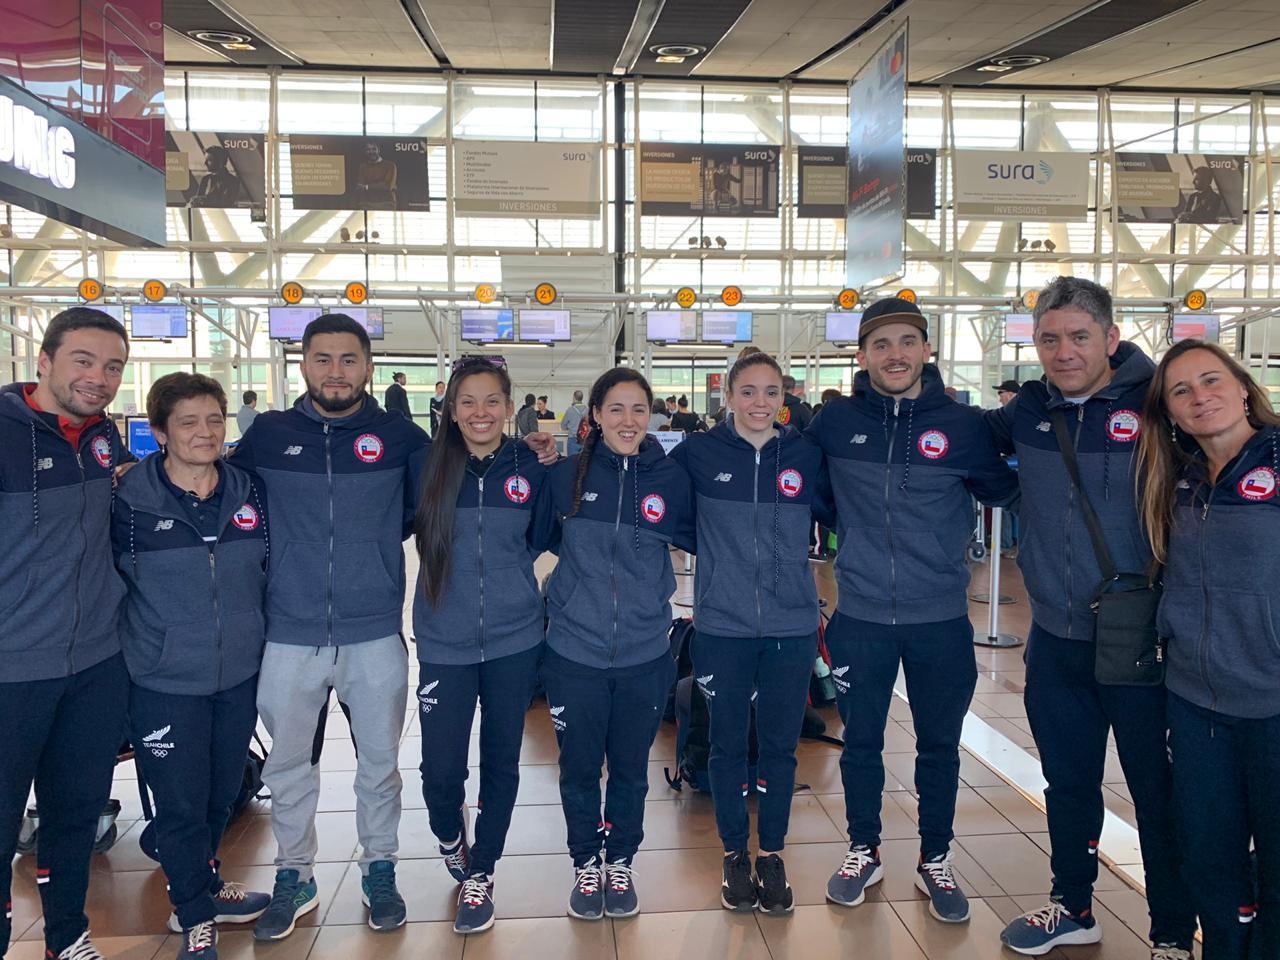 ¡El nuevo desafío de la gimnasia 🇨🇱 en Europa ✈! Team Chile viaja a la World Cup de París 🇫🇷, además de iniciar una gira que incluirá España 🇪🇸 y Alemania 🇩🇪 ¡Vamos con todo 👍💪! #ChileCompite https://t.co/0NTJQw2DgU